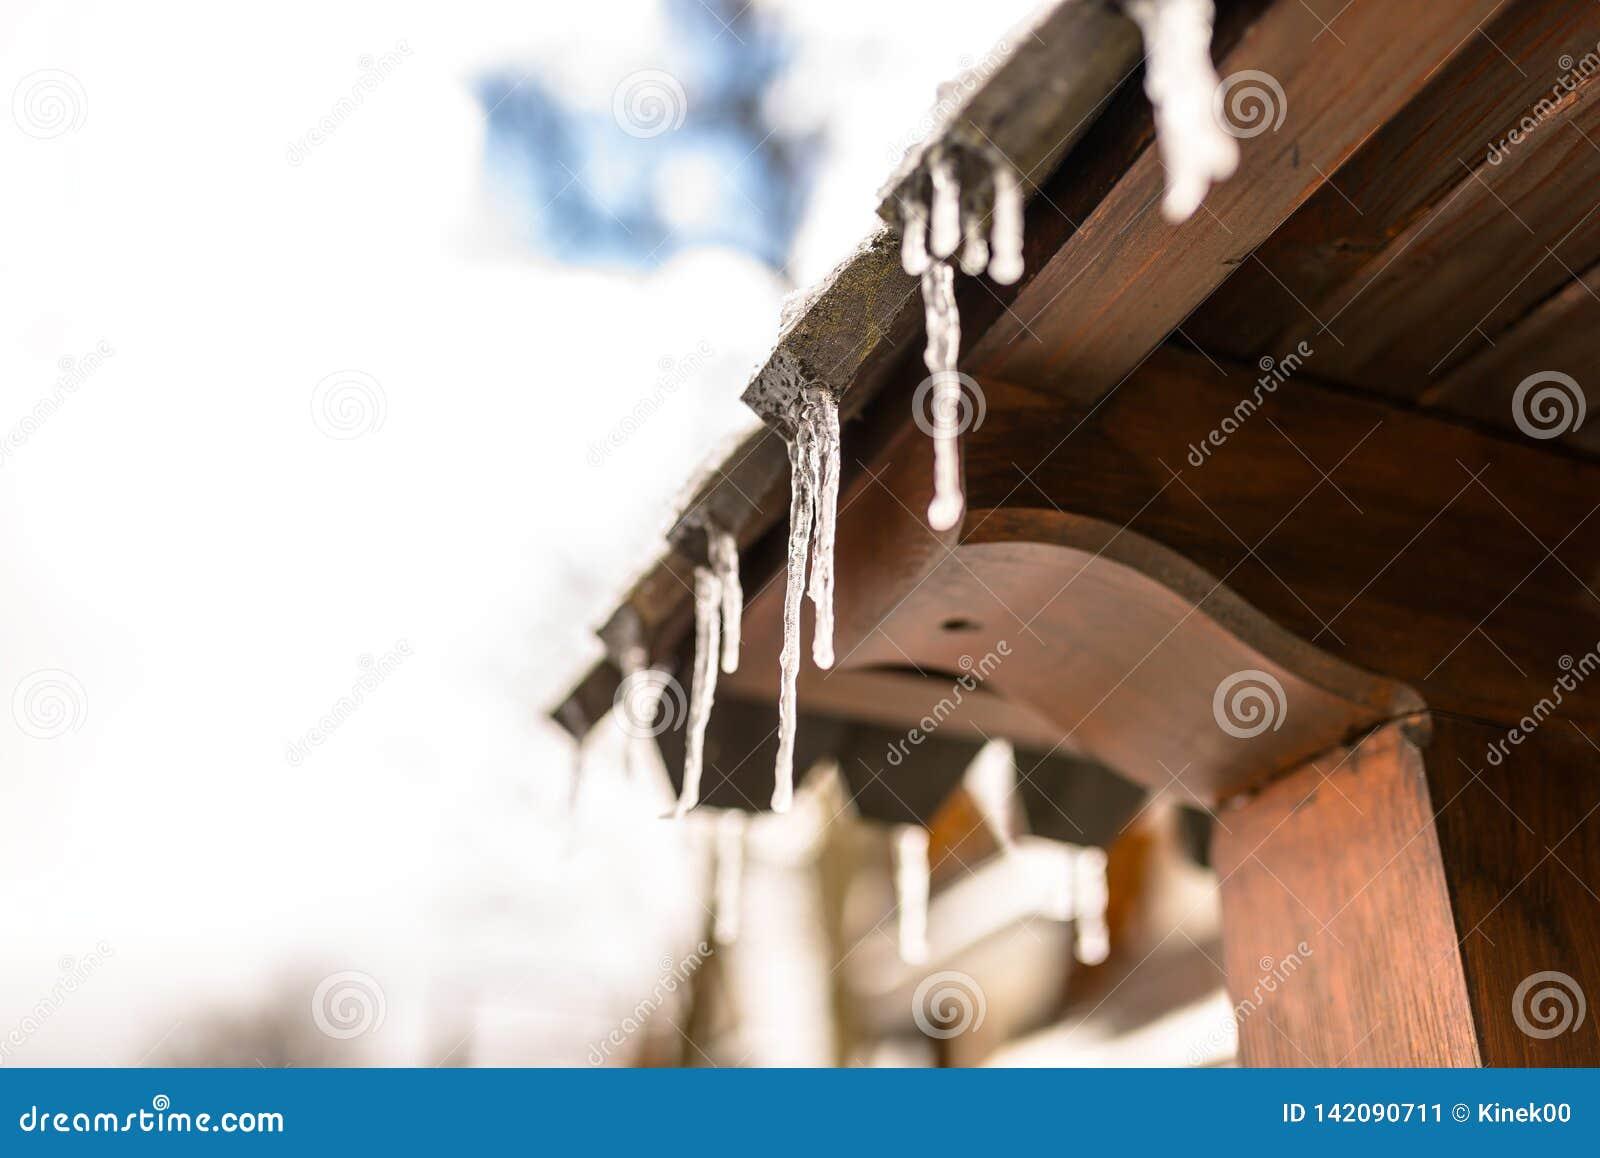 Carámbanos colgantes del tejado de un edificio de madera en un día escarchado del invierno, mucha nieve en el tejado